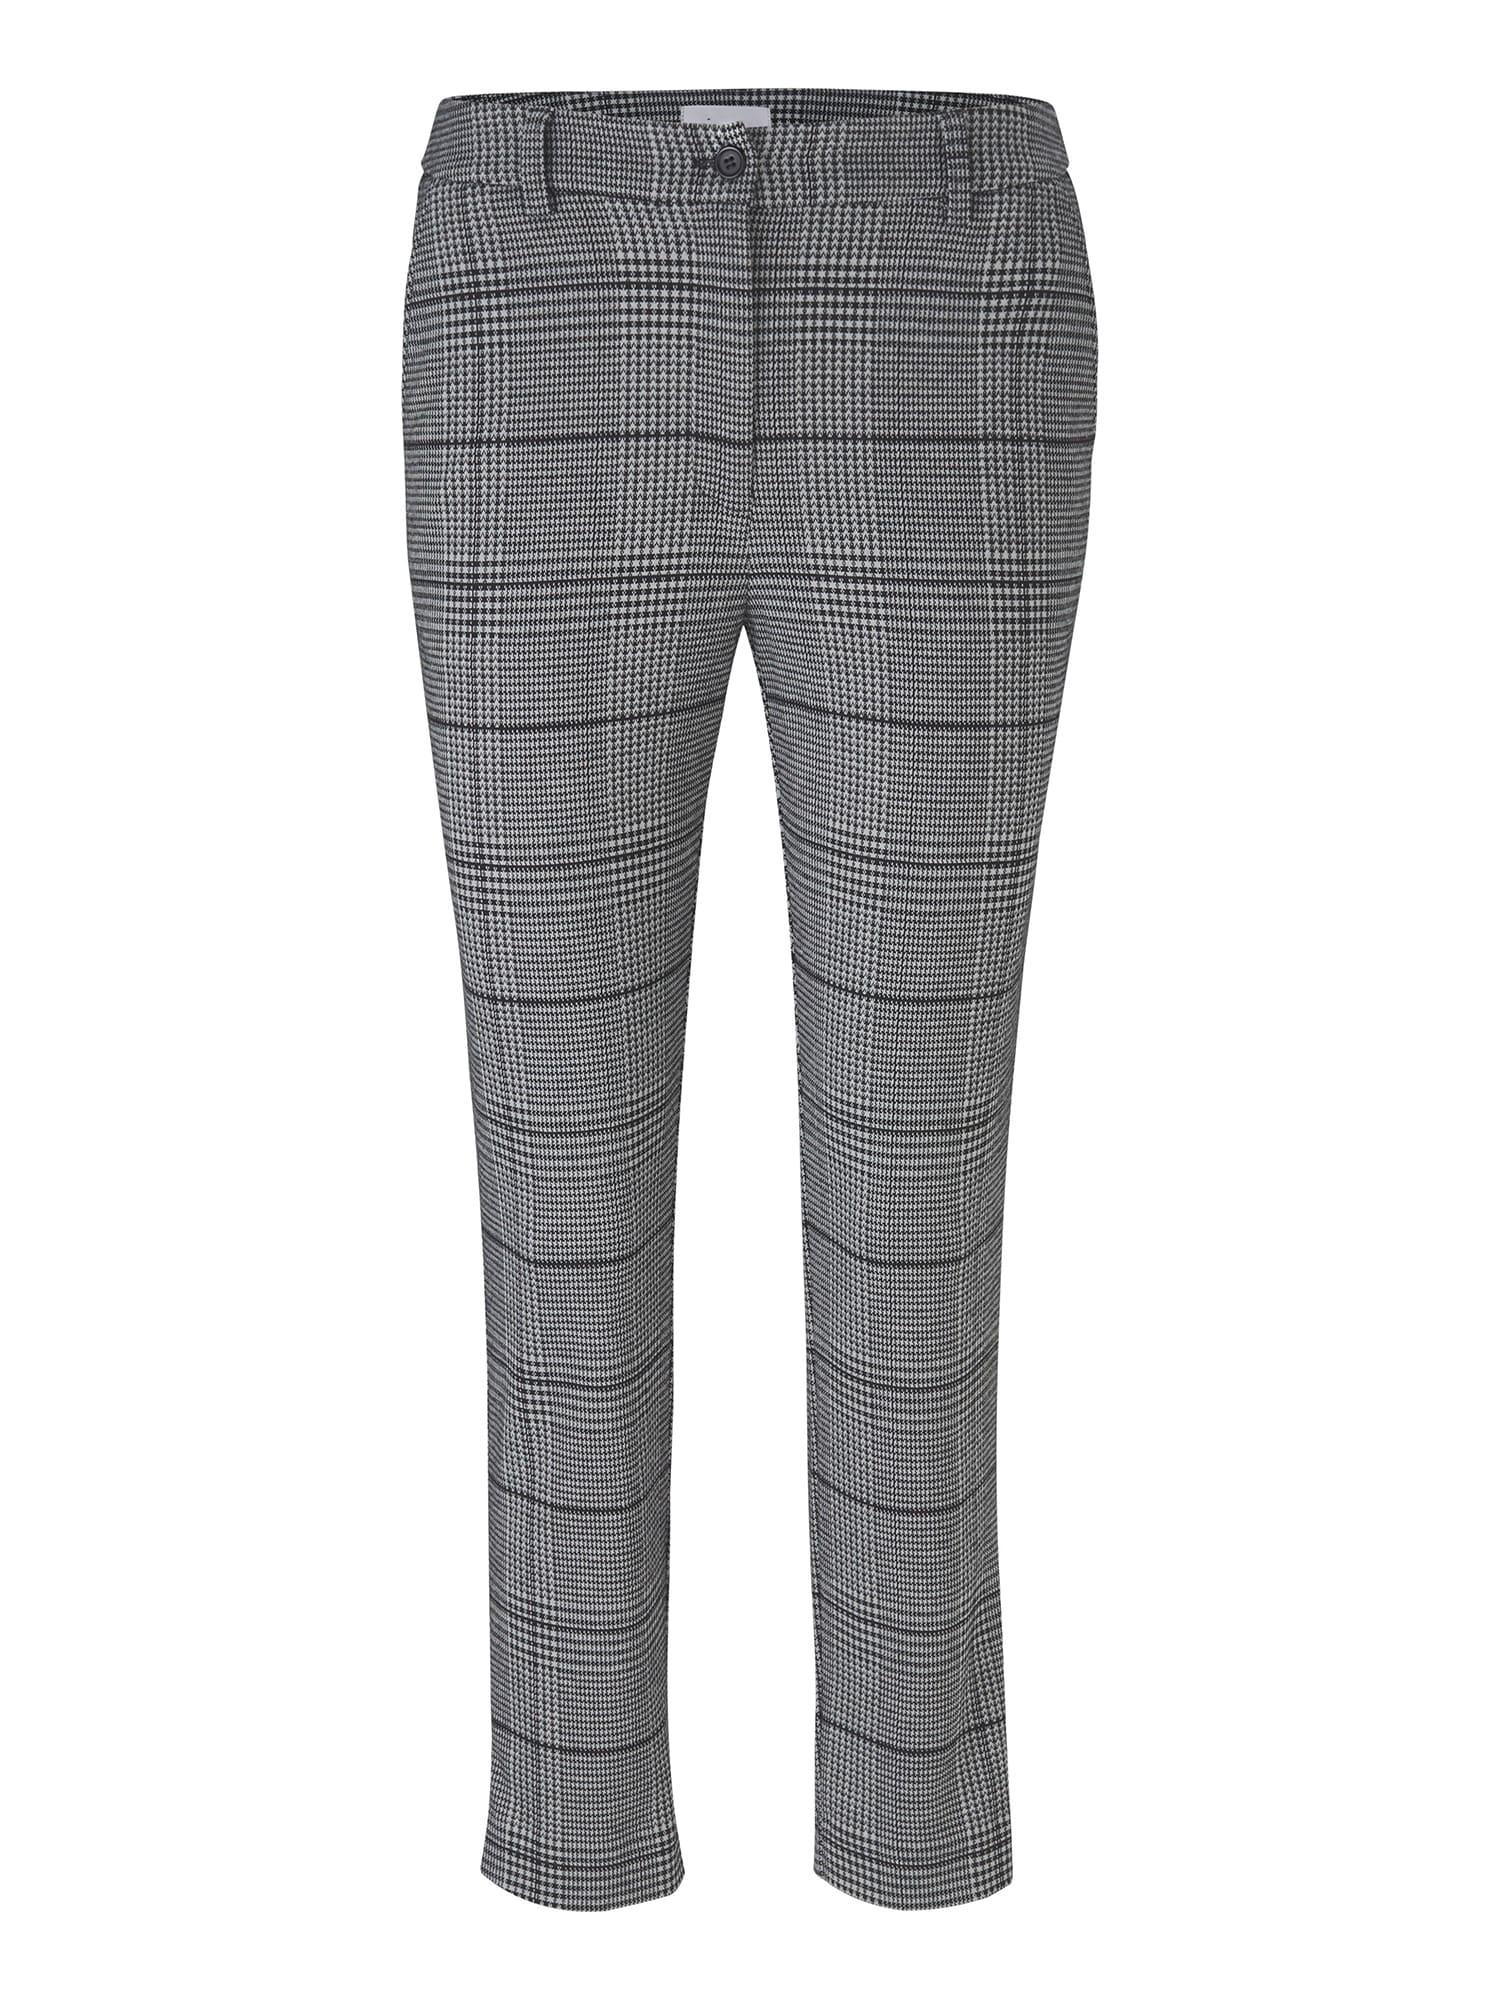 Stifthose | Bekleidung > Hosen | Grau - Schwarz - Silber - Weiß | heine